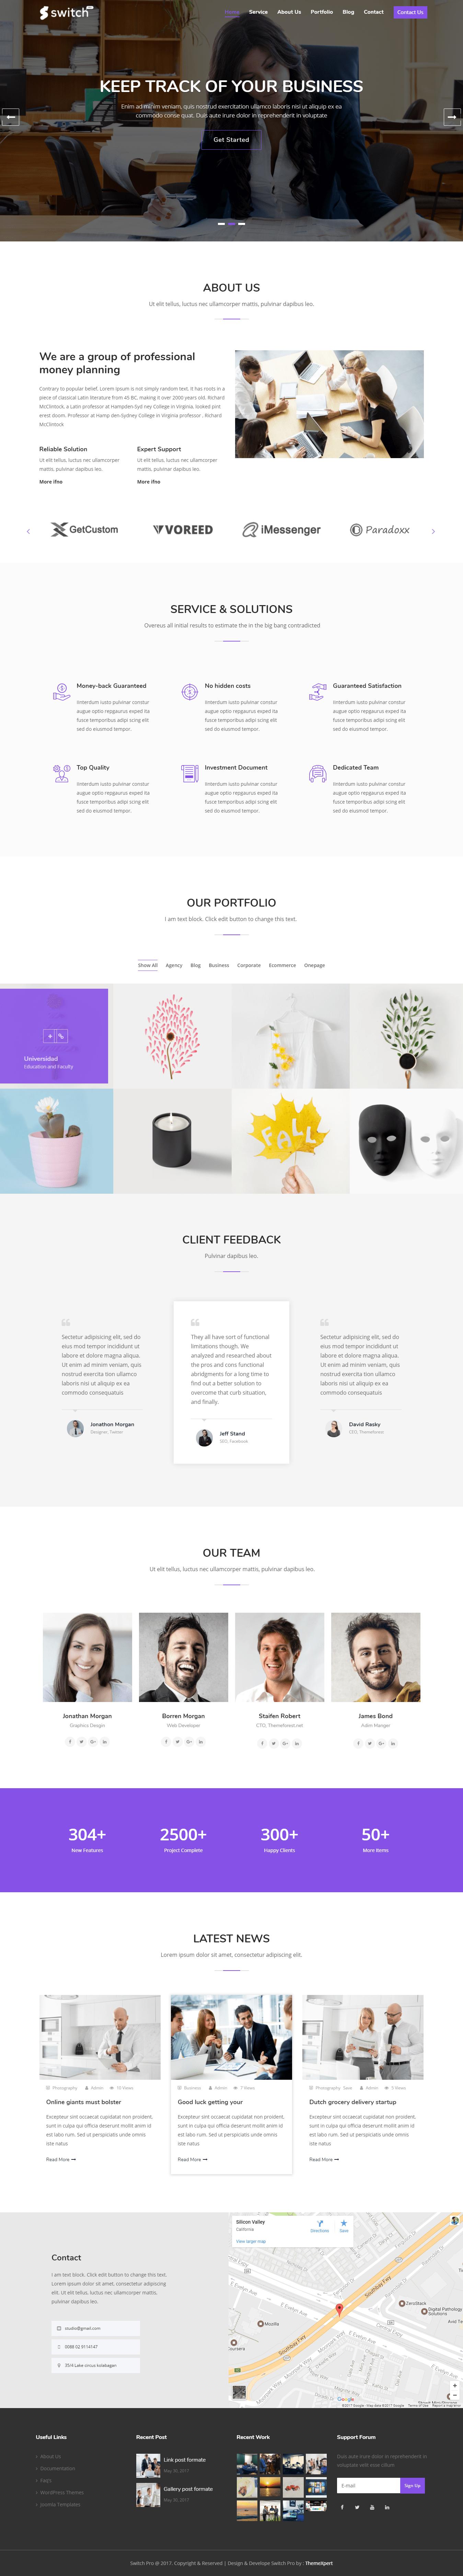 Homepage Setup